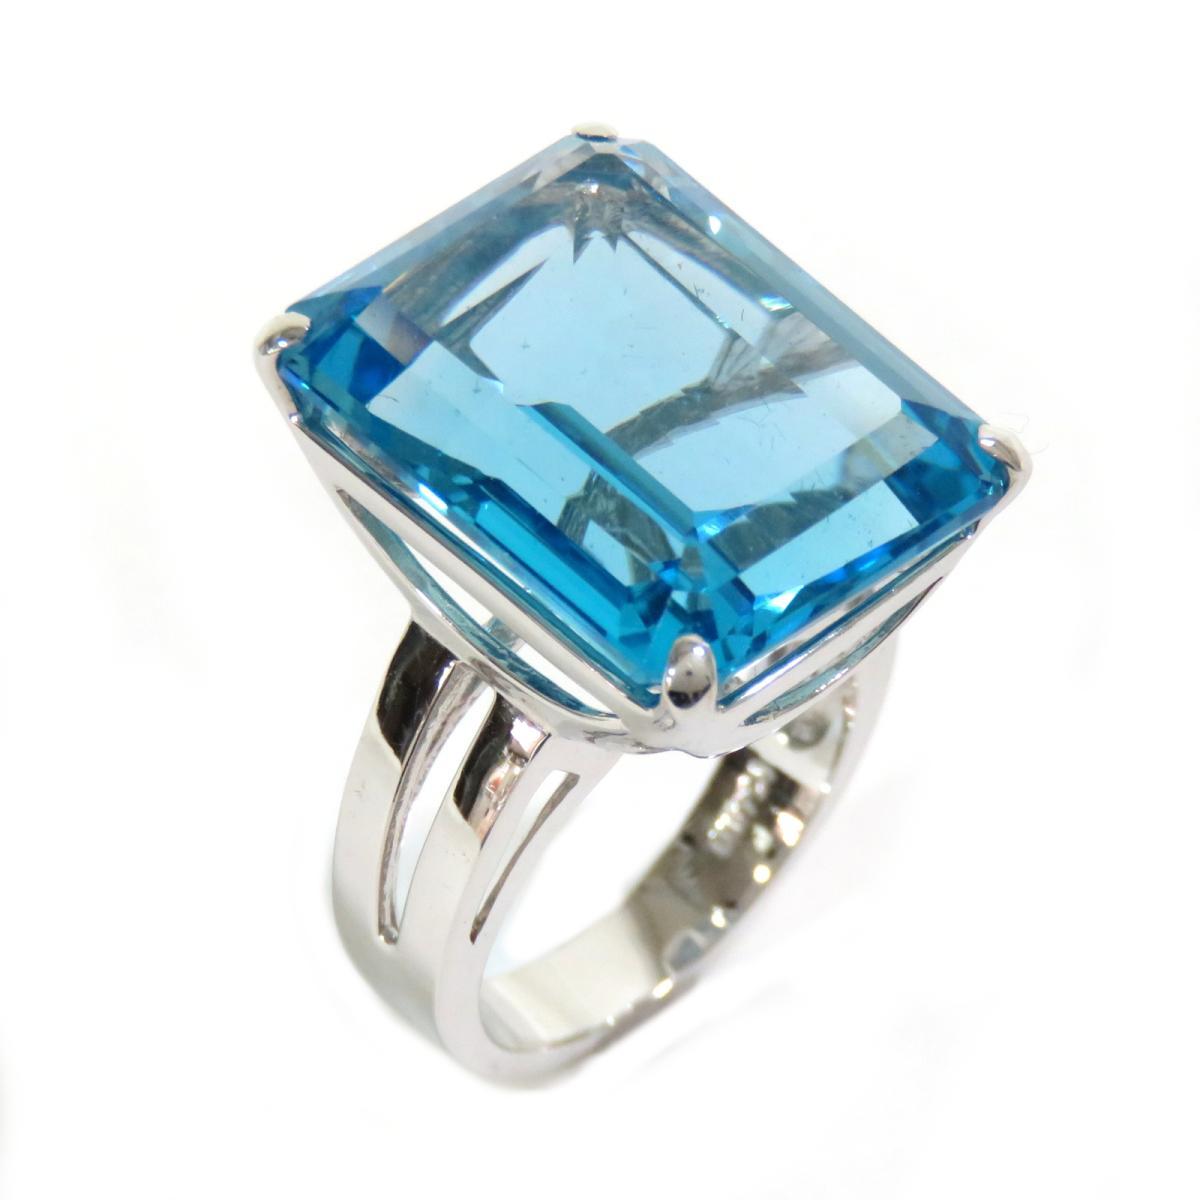 ジュエリー ブルートパーズ リング 指輪 レディース K14WG ホワイトゴールド | JEWELRY BRANDOFF ブランドオフ ブランド アクセサリー:Brandoff銀座